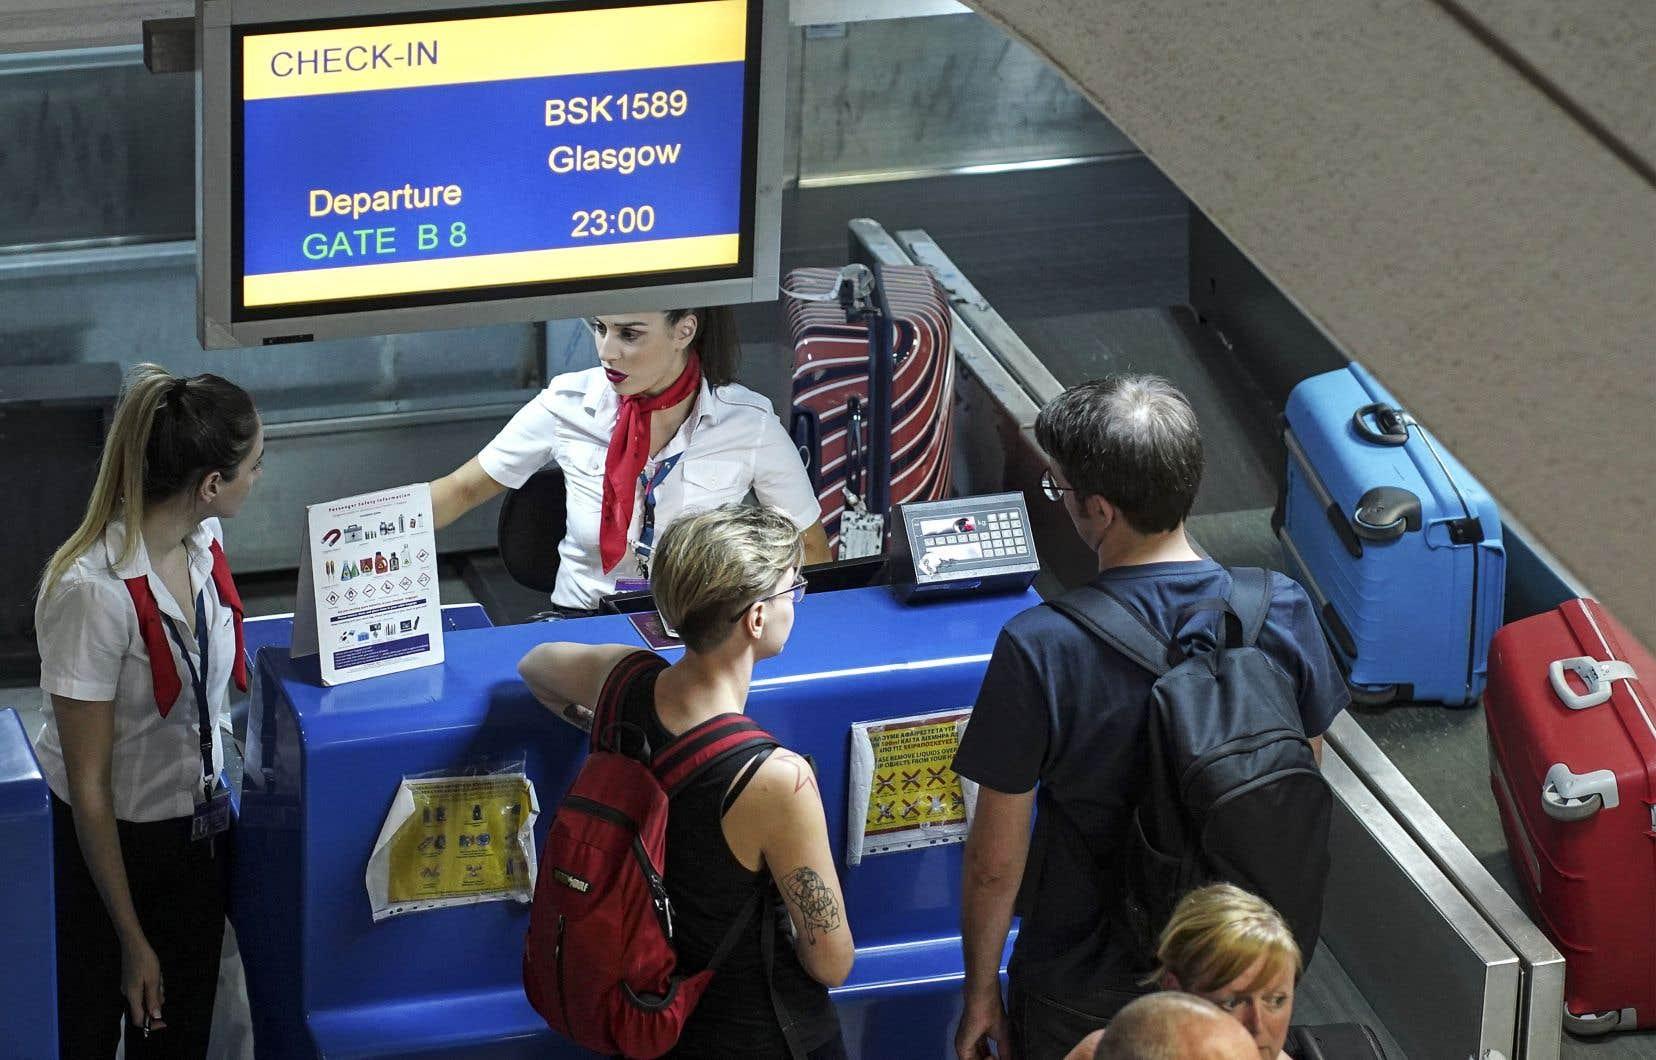 Le Royaume-Uni a achevé lundi l'opération sans précédent de rapatriement dans le pays de 140000 touristes, deux semaines après la faillite spectaculaire du voyagiste Thomas Cook.